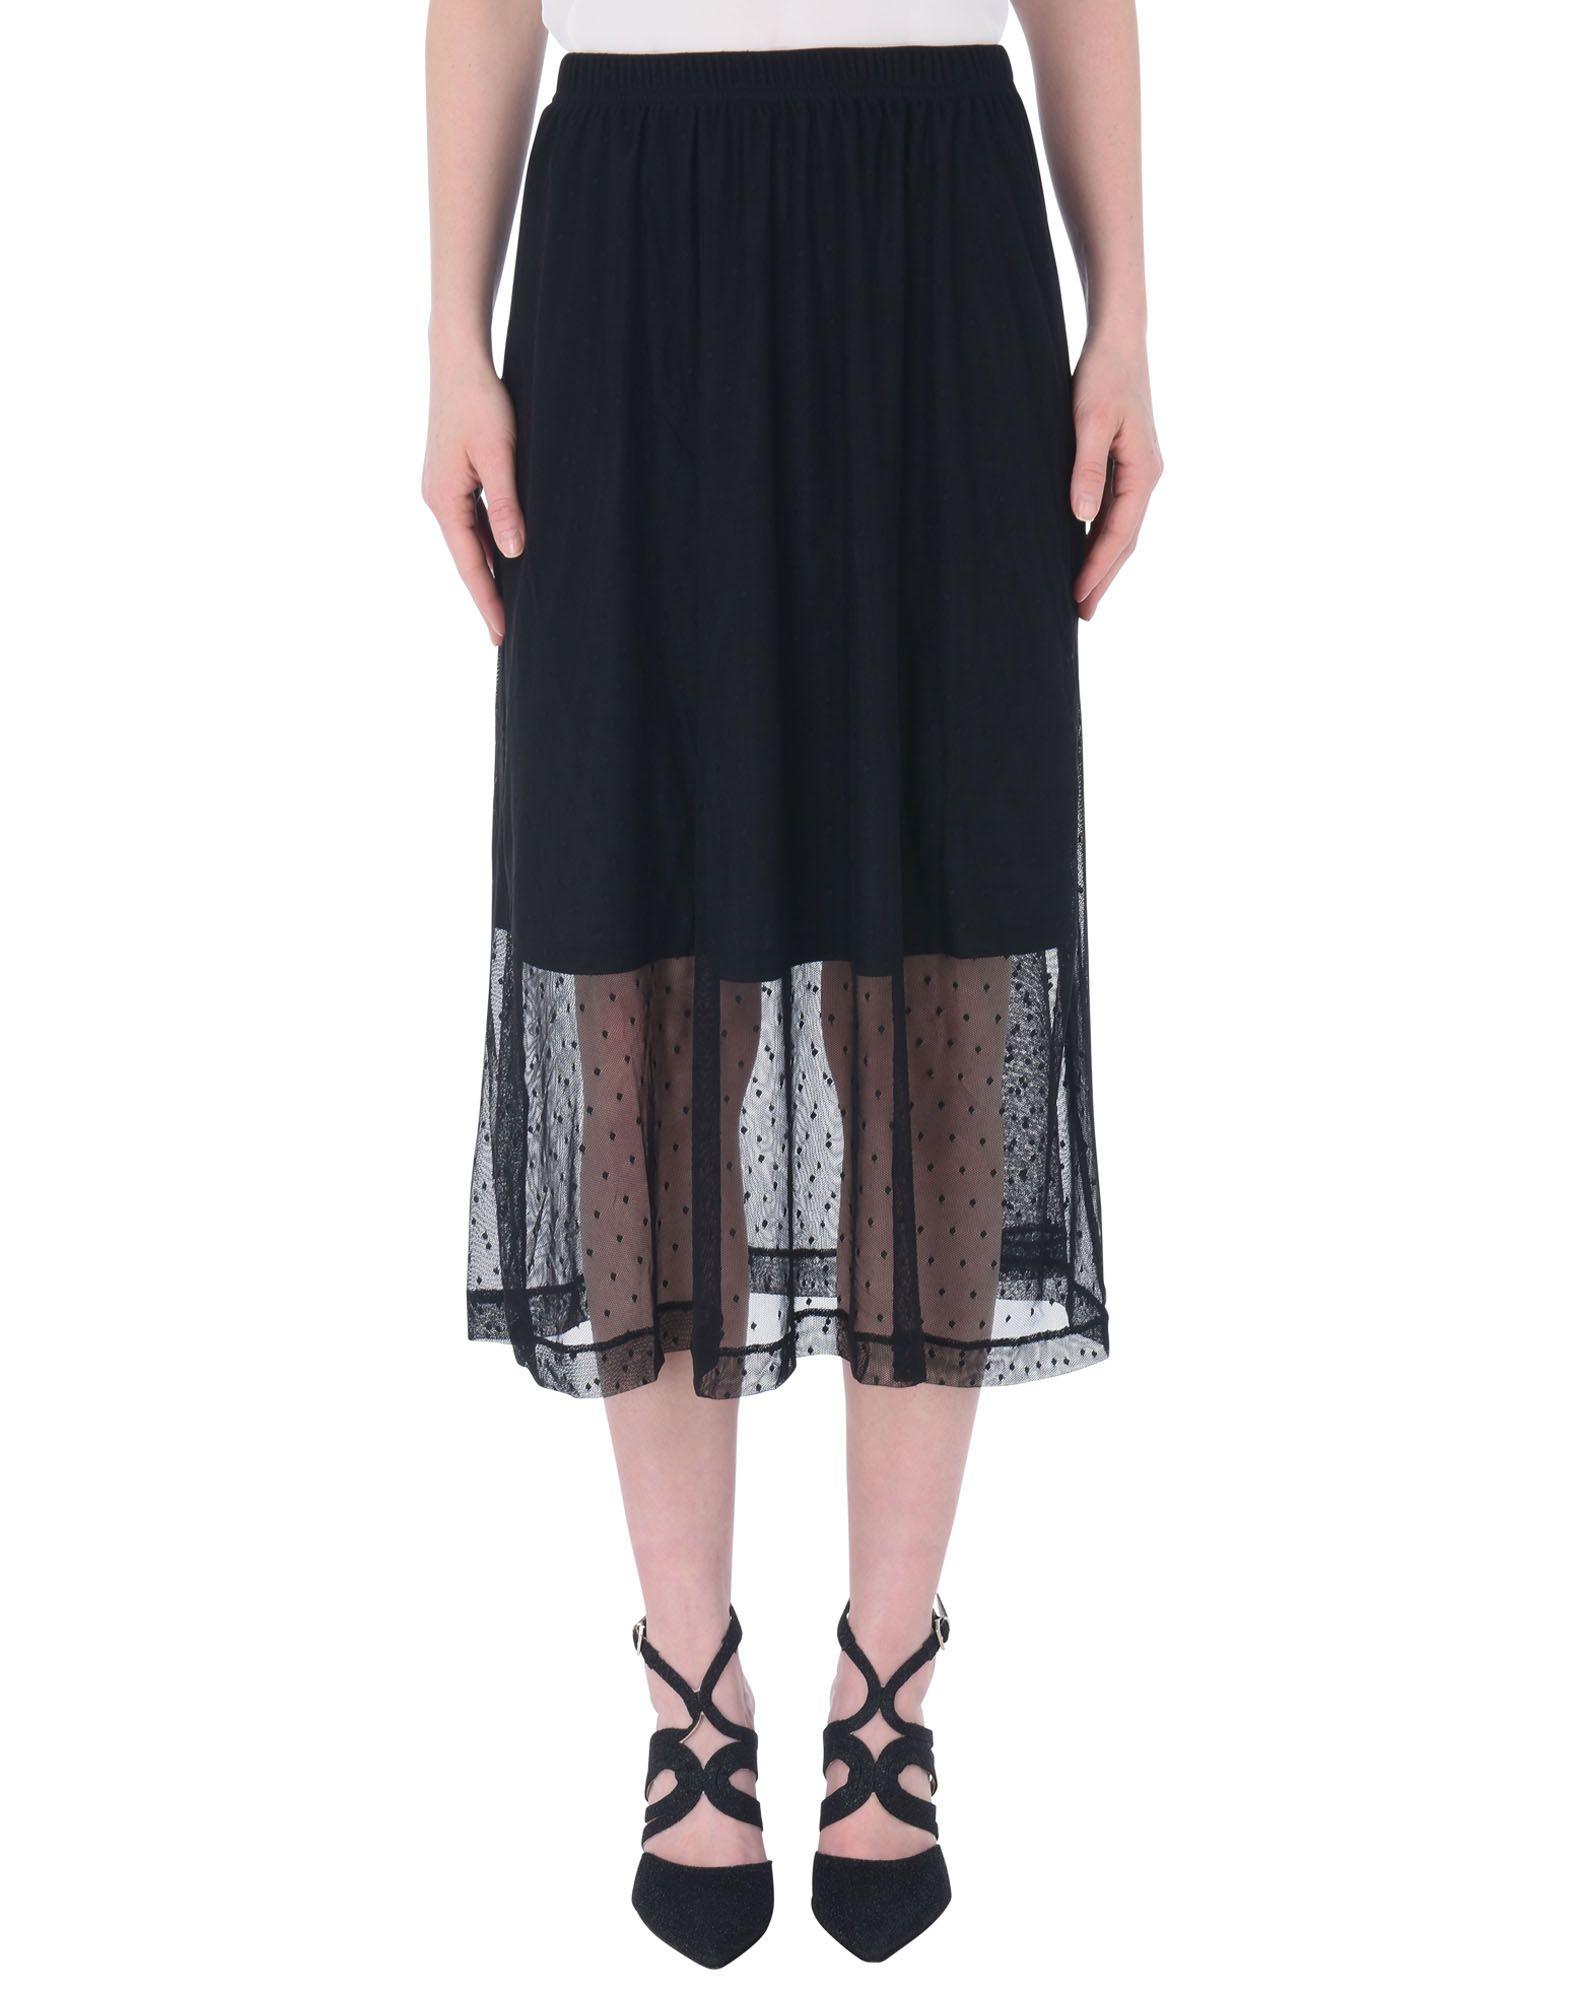 《送料無料》MOSS COPENHAGEN レディース 7分丈スカート ブラック XS ナイロン 100% Caradee Dot Skirt